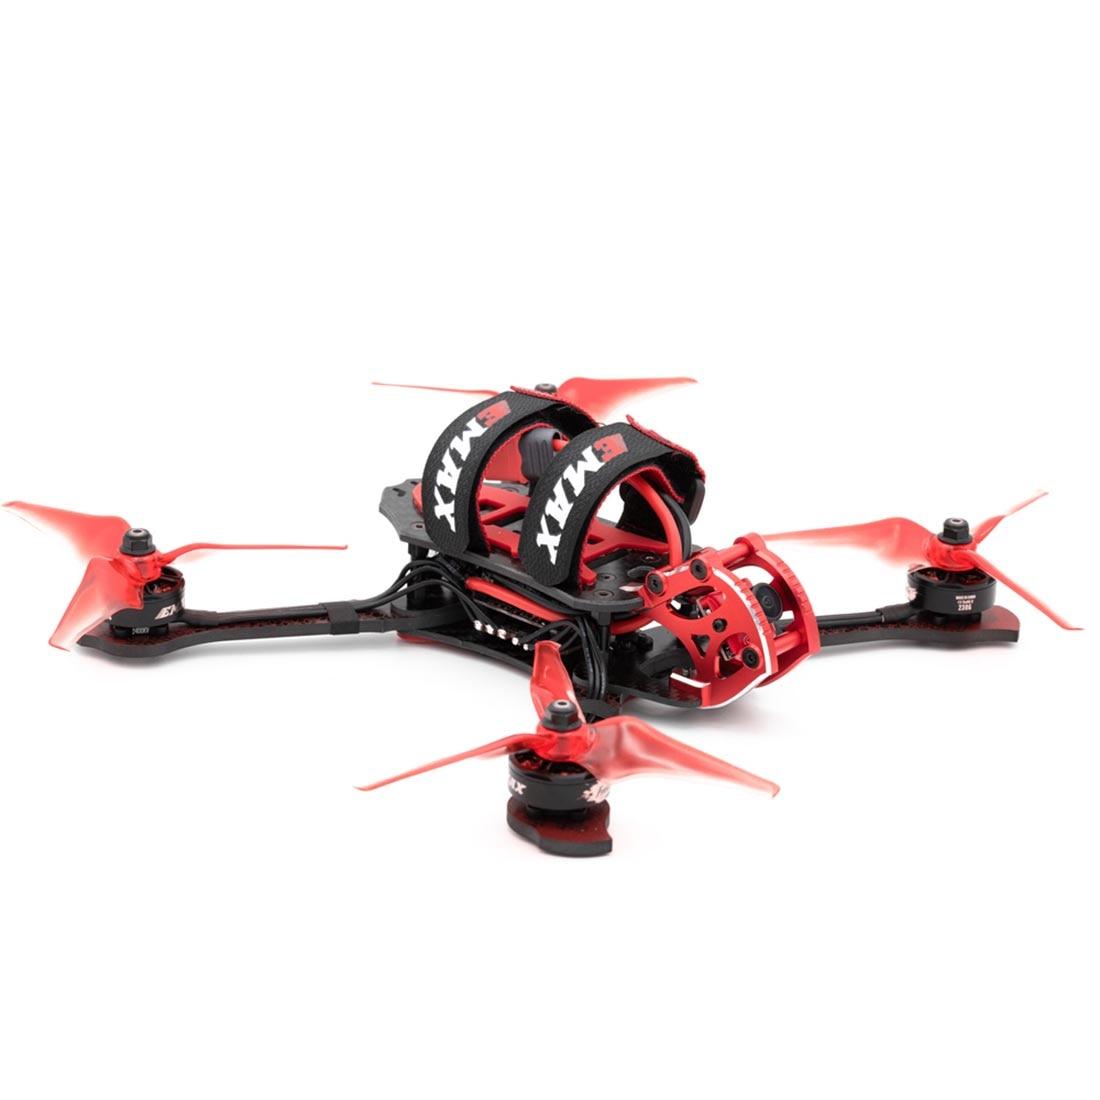 Emax الطنانة 245 مللي متر F4 1700KV 5 بوصة 1700KV 5 6 S/2400KV 4 S FPV سباق كاميرا طائرة دون طيار PNP/BNF w XM + استقبال ل حرة Quadcopter-في قطع غيار وملحقات من الألعاب والهوايات على  مجموعة 2